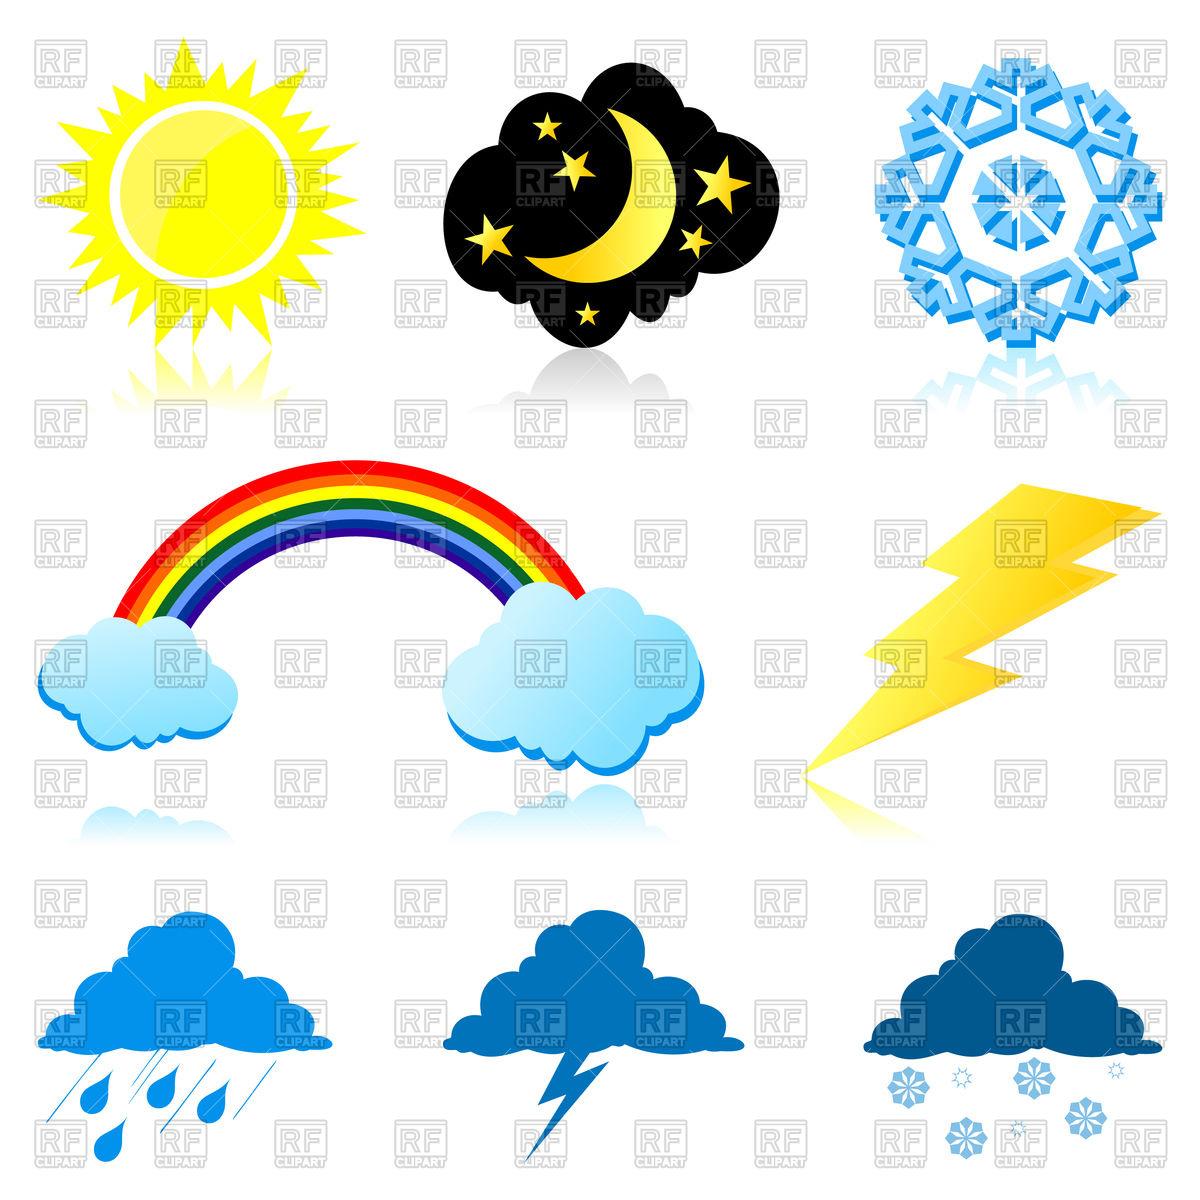 Icons of weather phenomena Vector Image #82658.